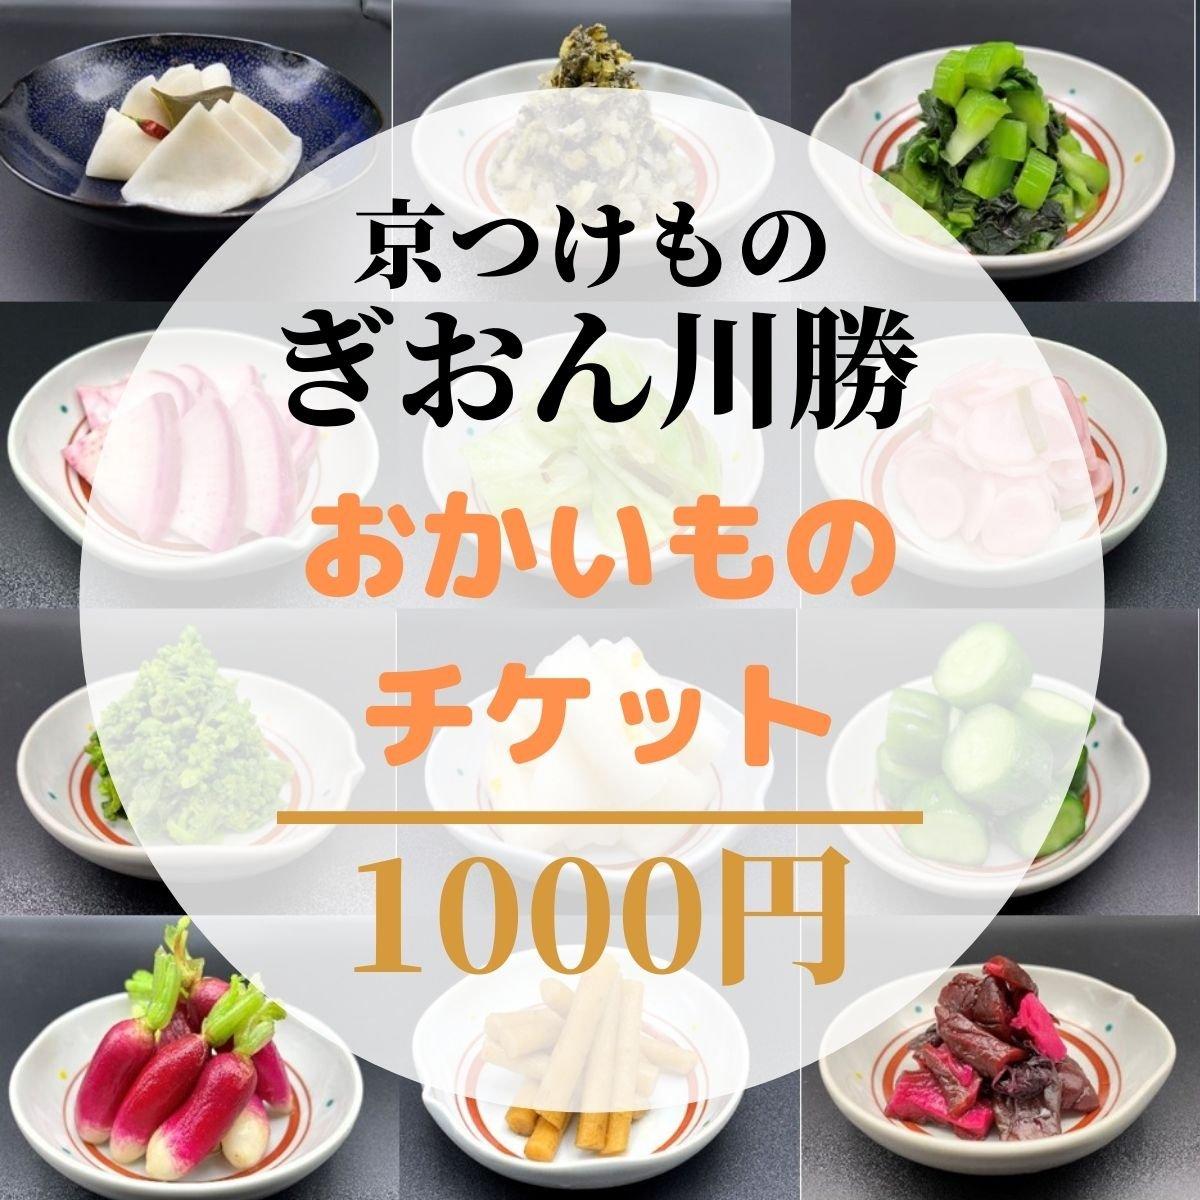 ぎおん川勝で使える【1000円チケット】ポイントも還元がお得!のイメージその1